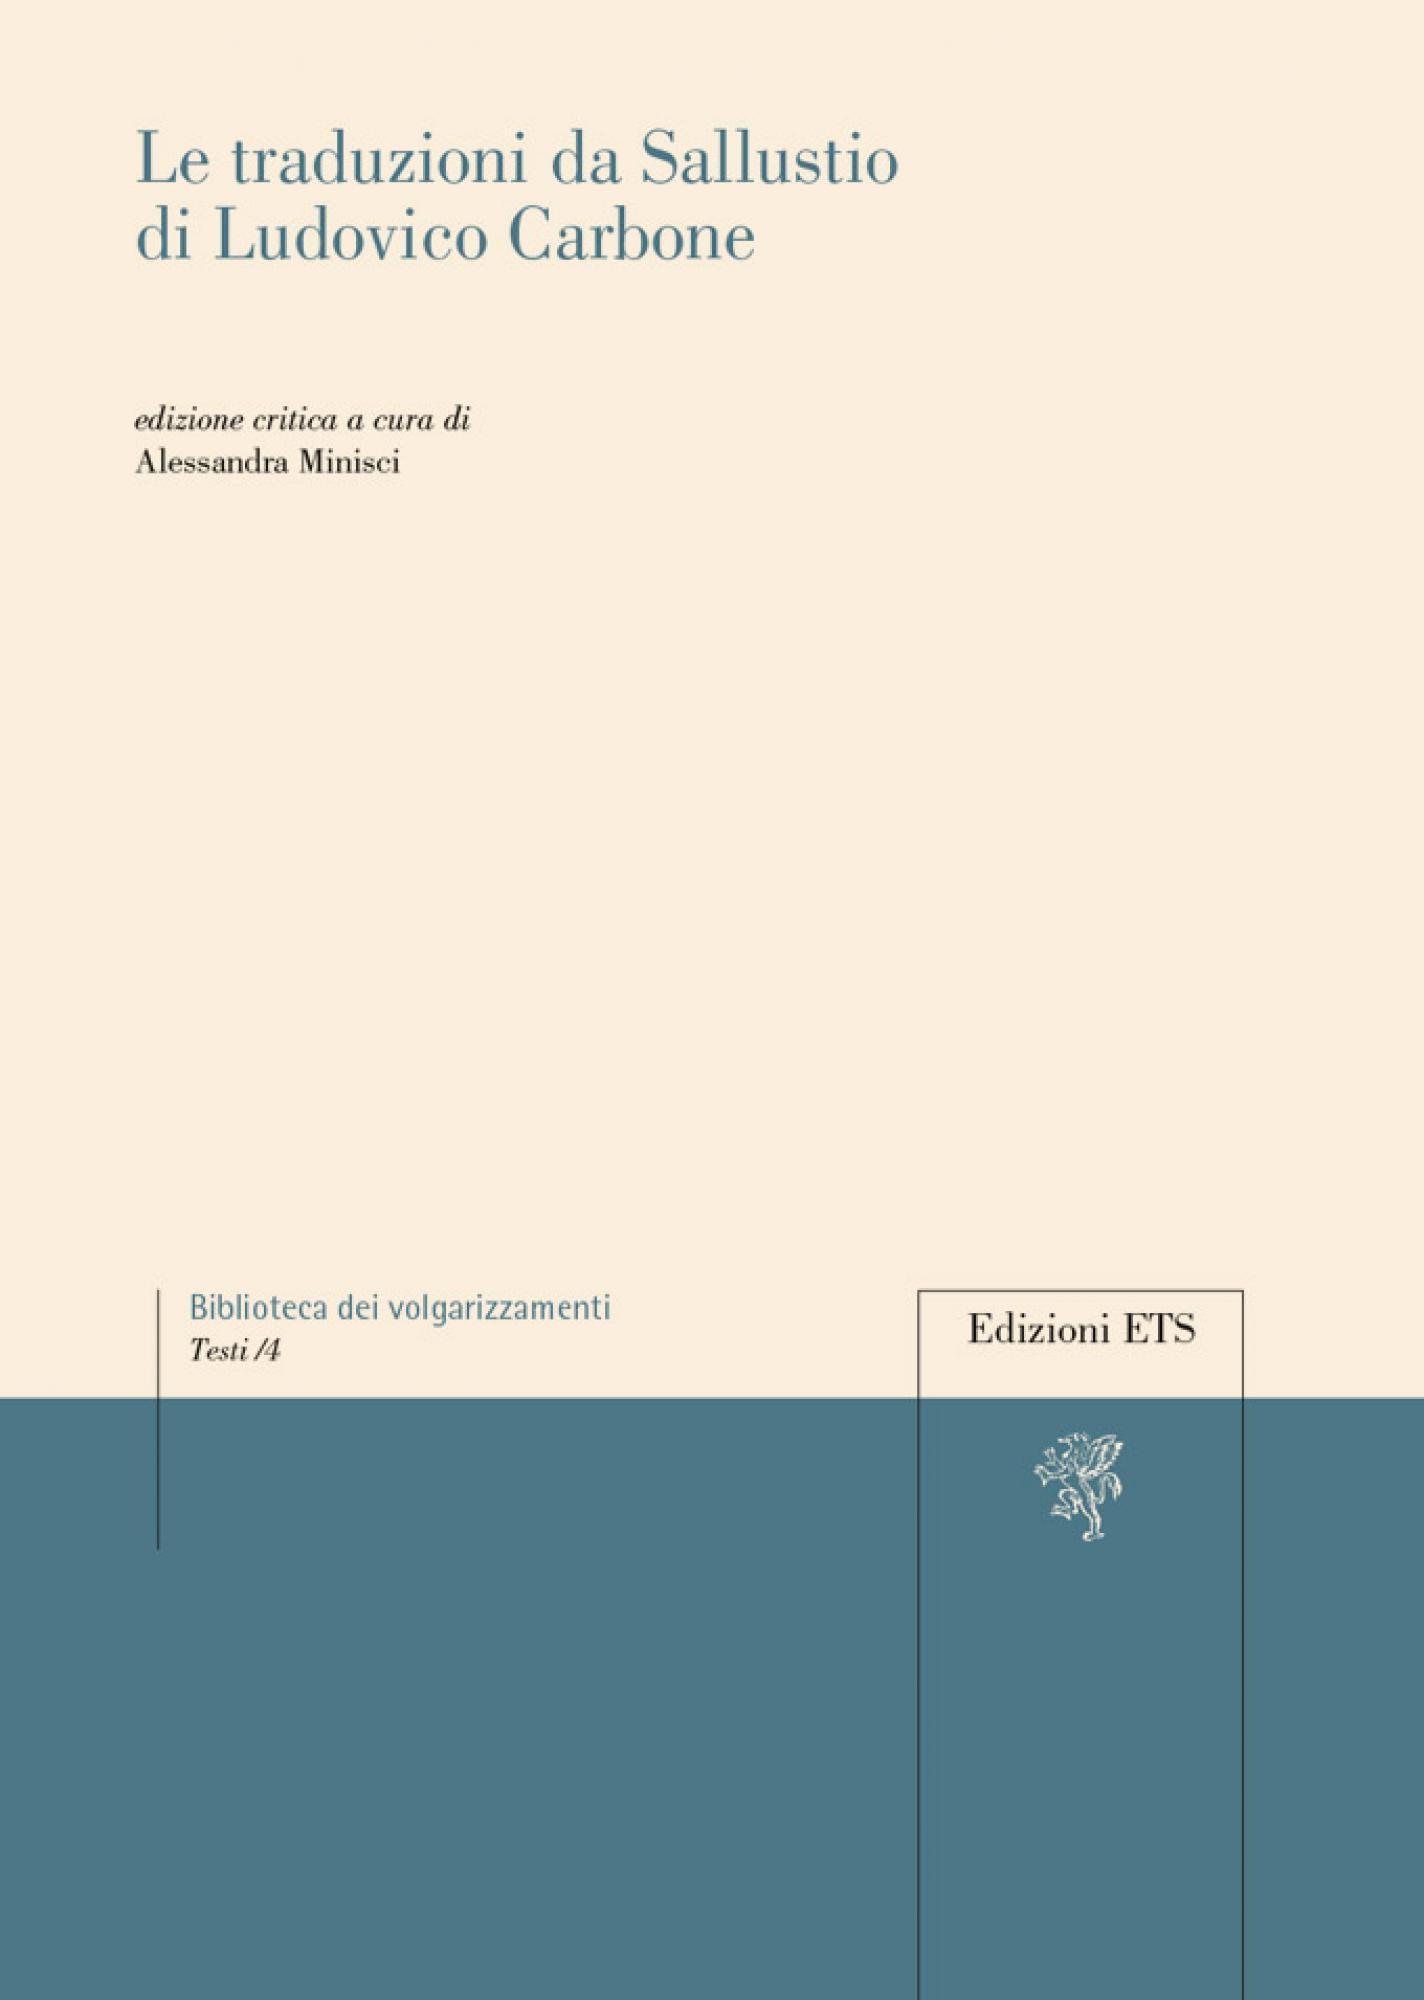 Le traduzioni da Sallustio di Ludovico Carbone